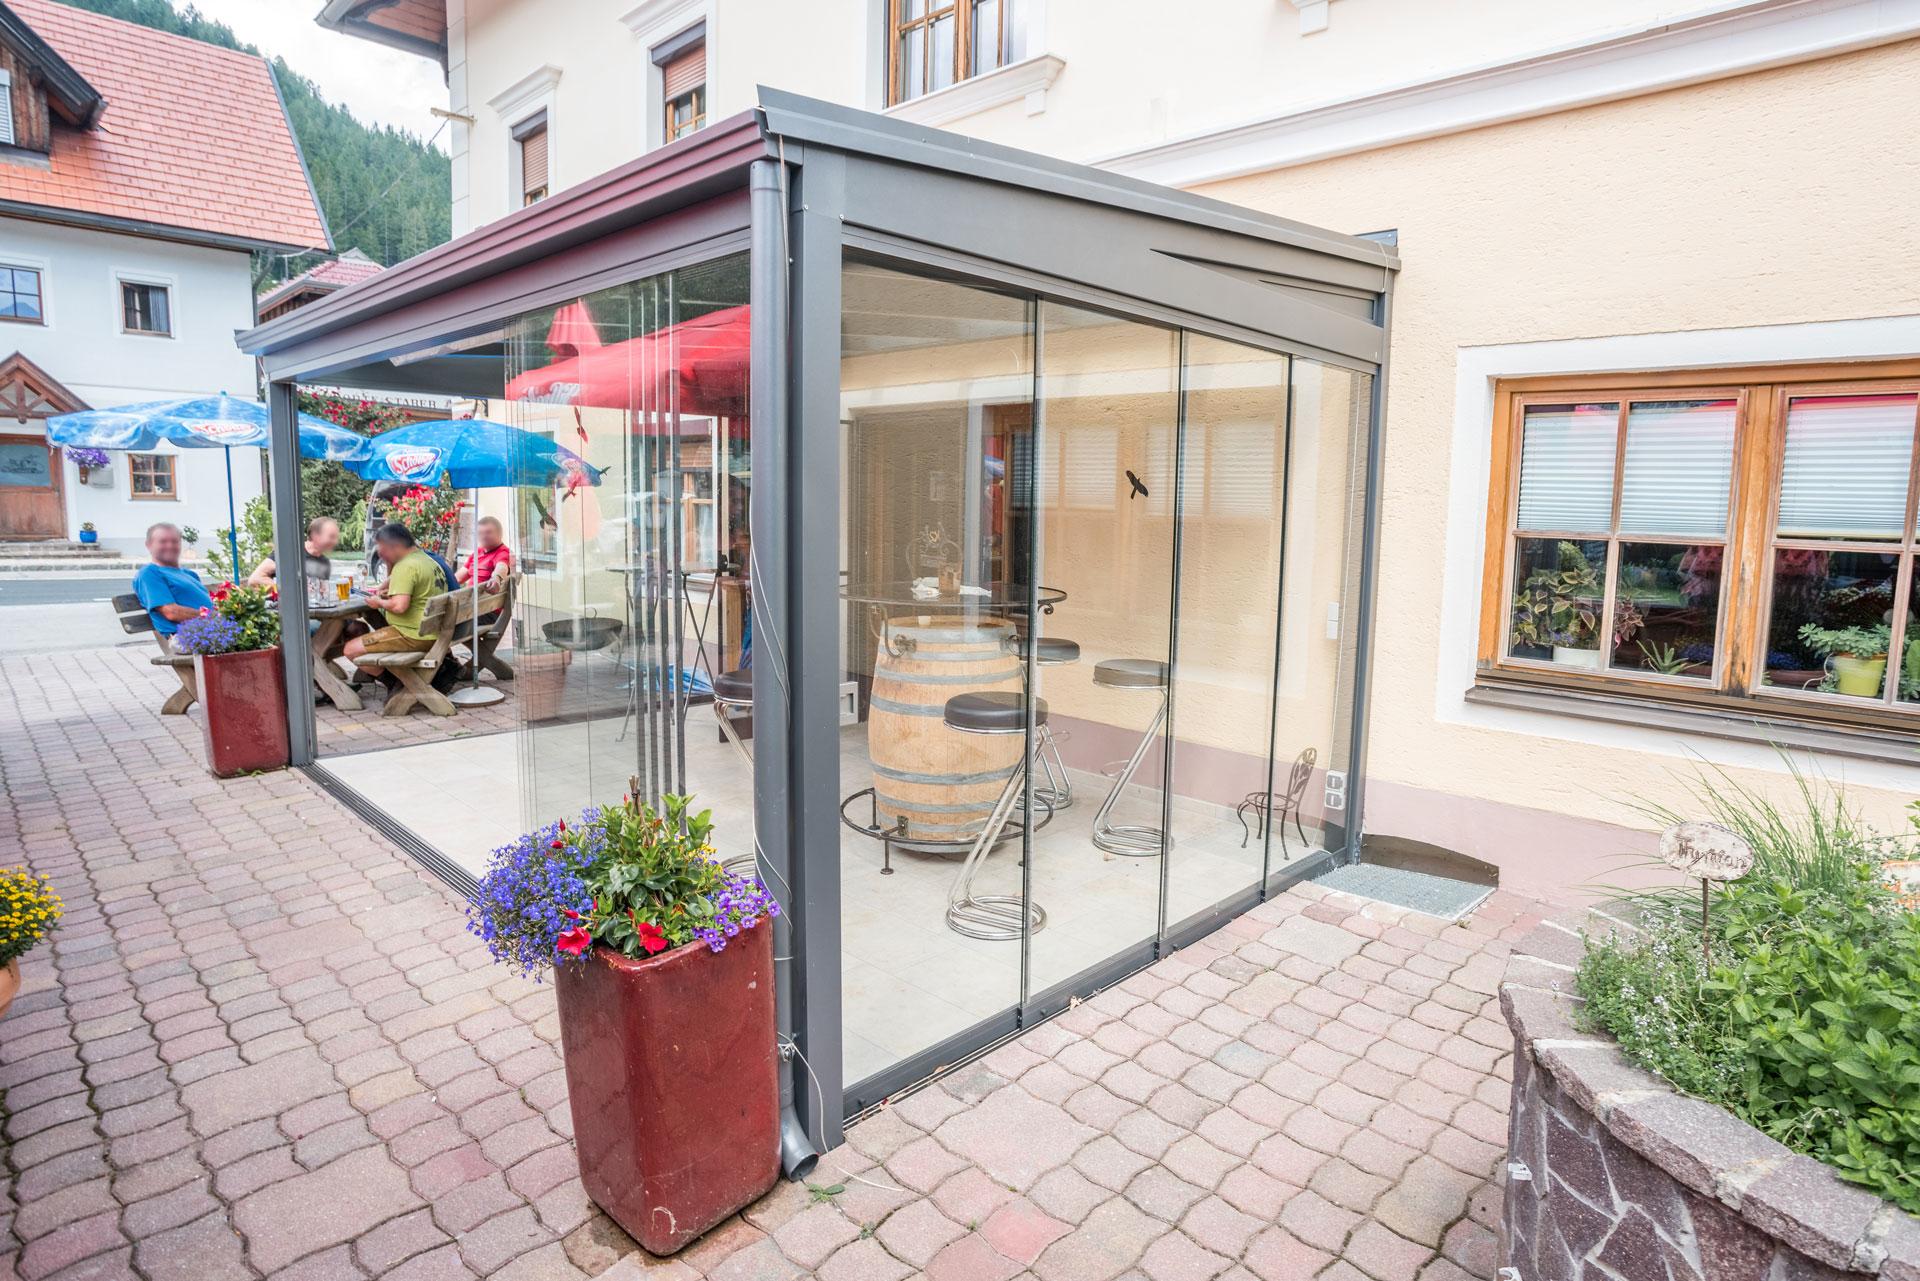 Sommergarten Alu 34 a | Terrassen-Lounge bei Gasthaus grau, Windschutz- & Regenschutz-Glas | Svoboda